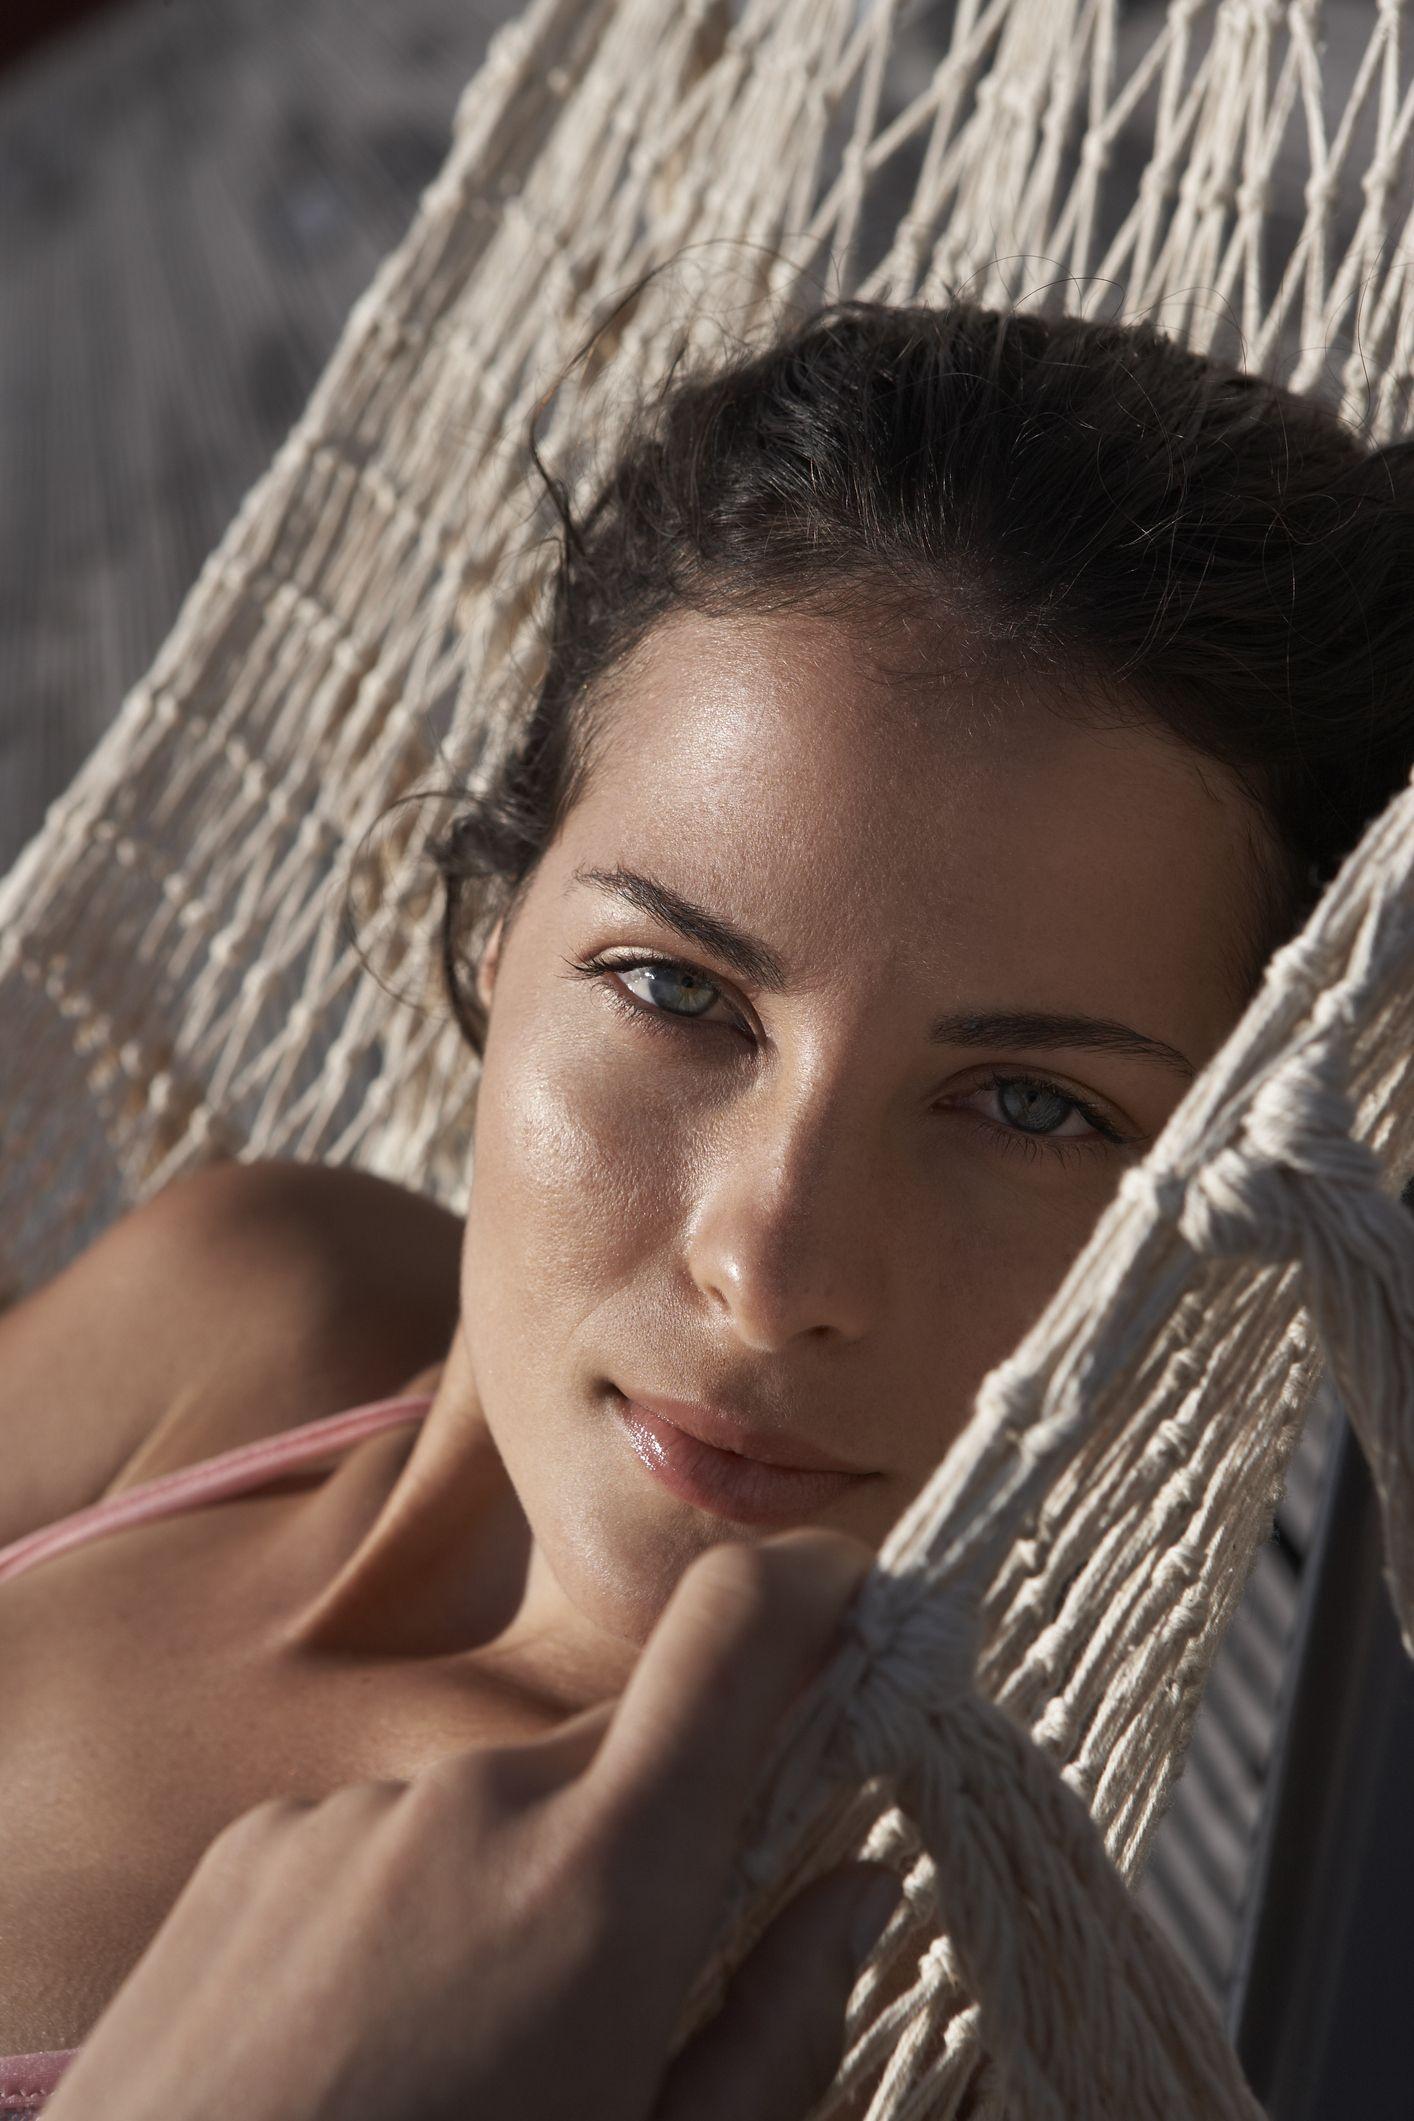 Esta crema solar facial de SPF 50 promete alargar el doble tu bronceado y cuesta menos de 5€